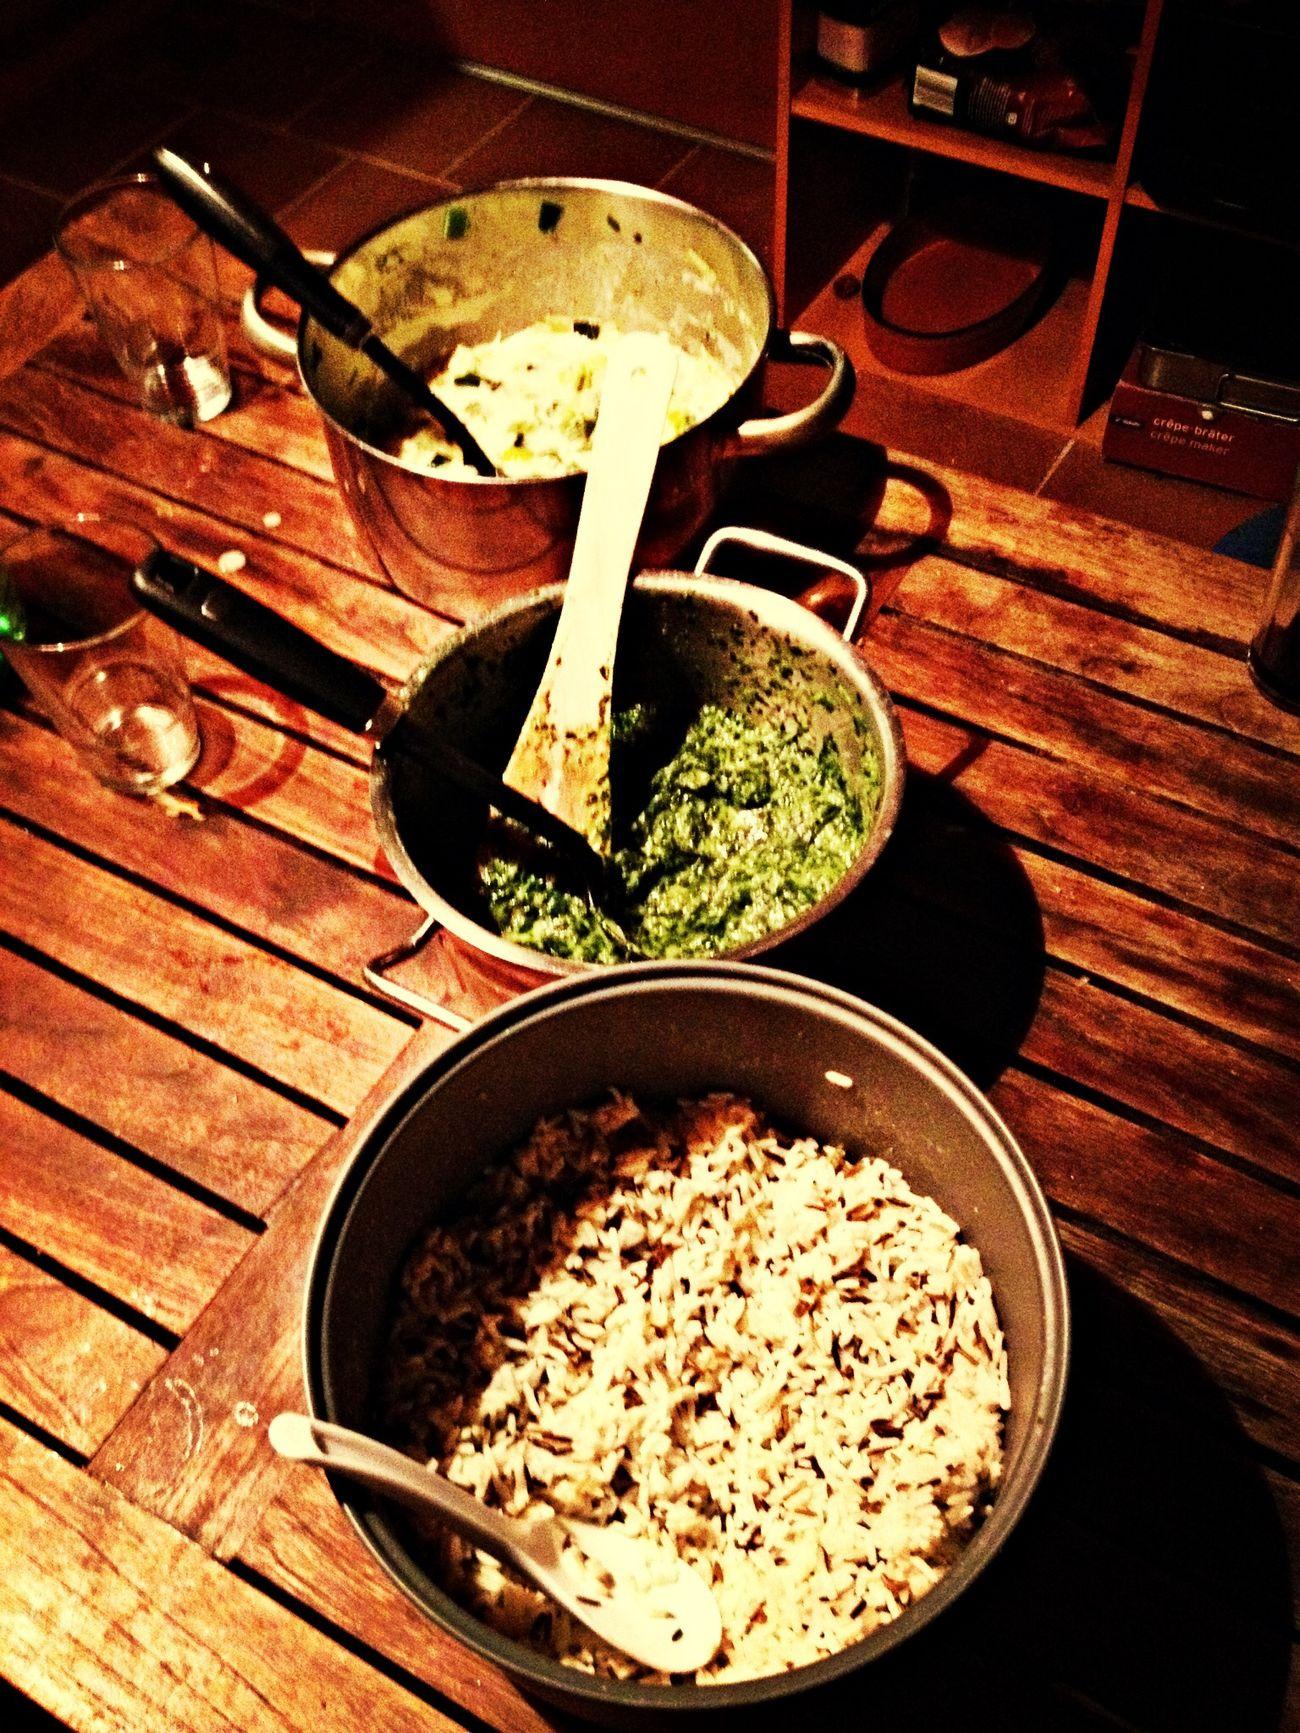 Der Kantinenbereich schließt. Für morgen dann Porree, Spinat und Wildreis an einer Gewürzkombi mit Curry, Muskat und Pfeffer.